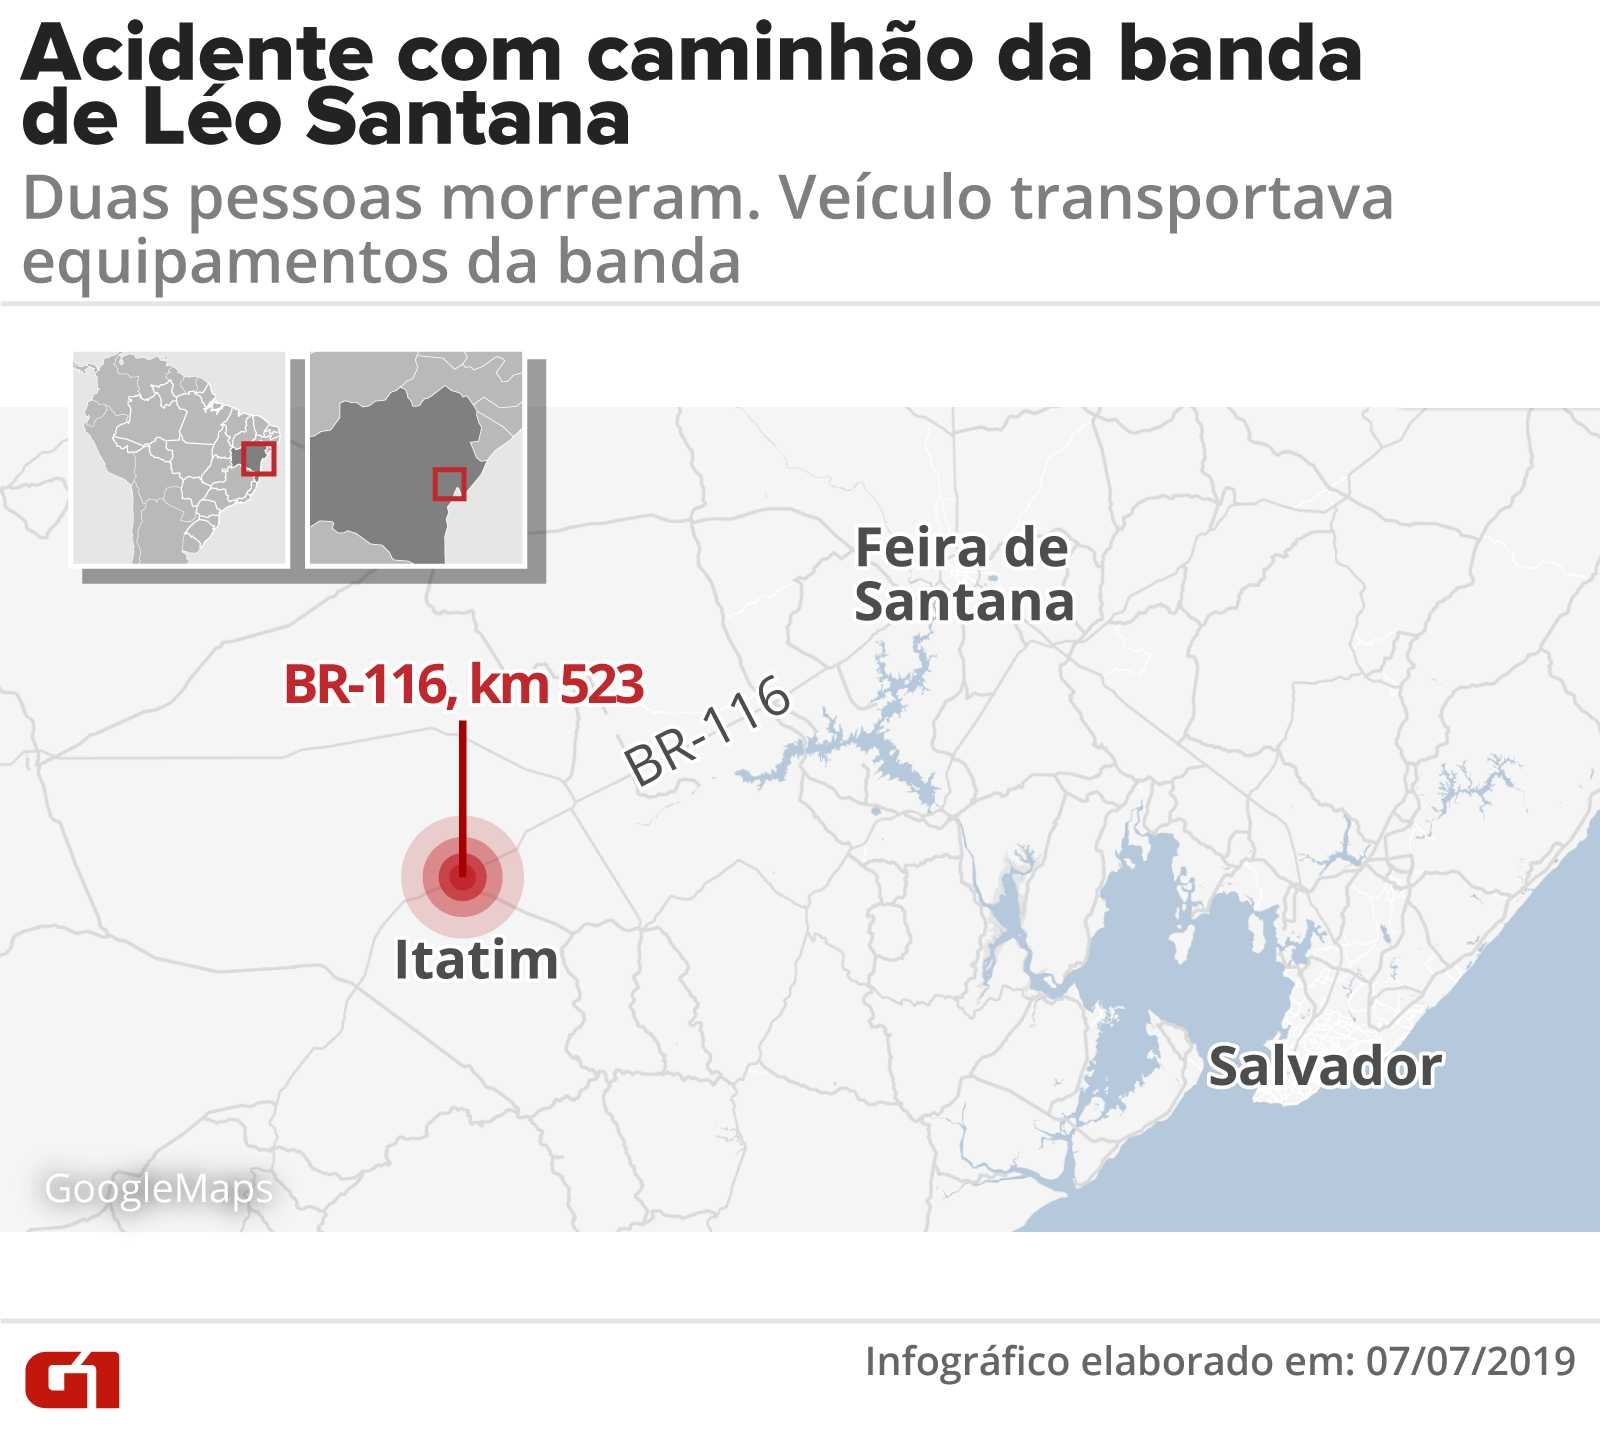 Acidente envolvendo caminhão da banda de Léo Santana deixa mortos na Bahia 2